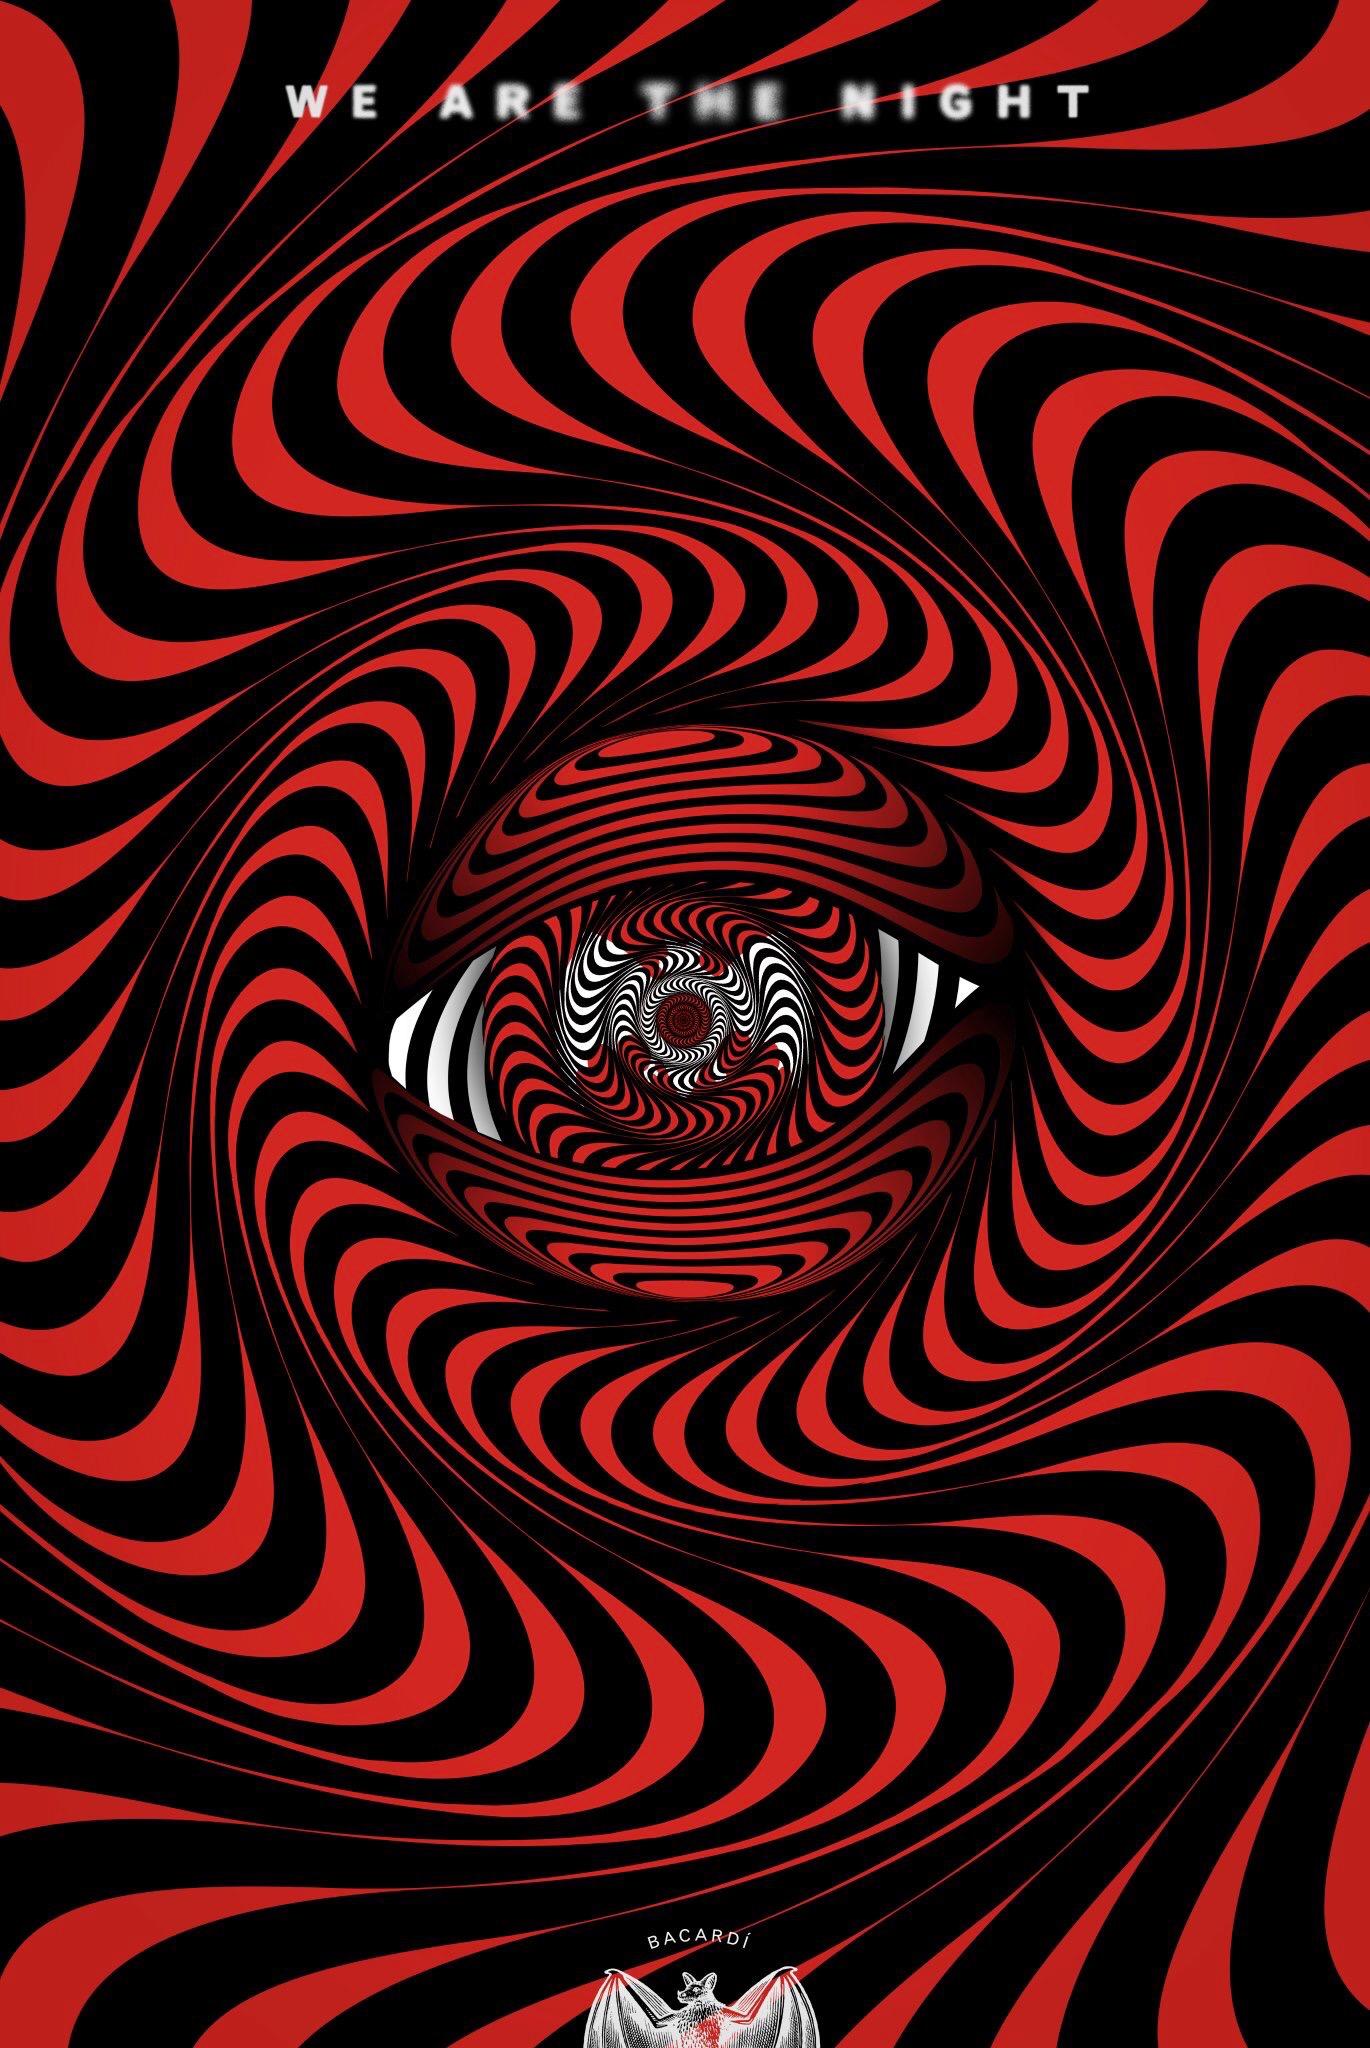 Bacardi_Halloween_2016_Eye_Abyss.JPG